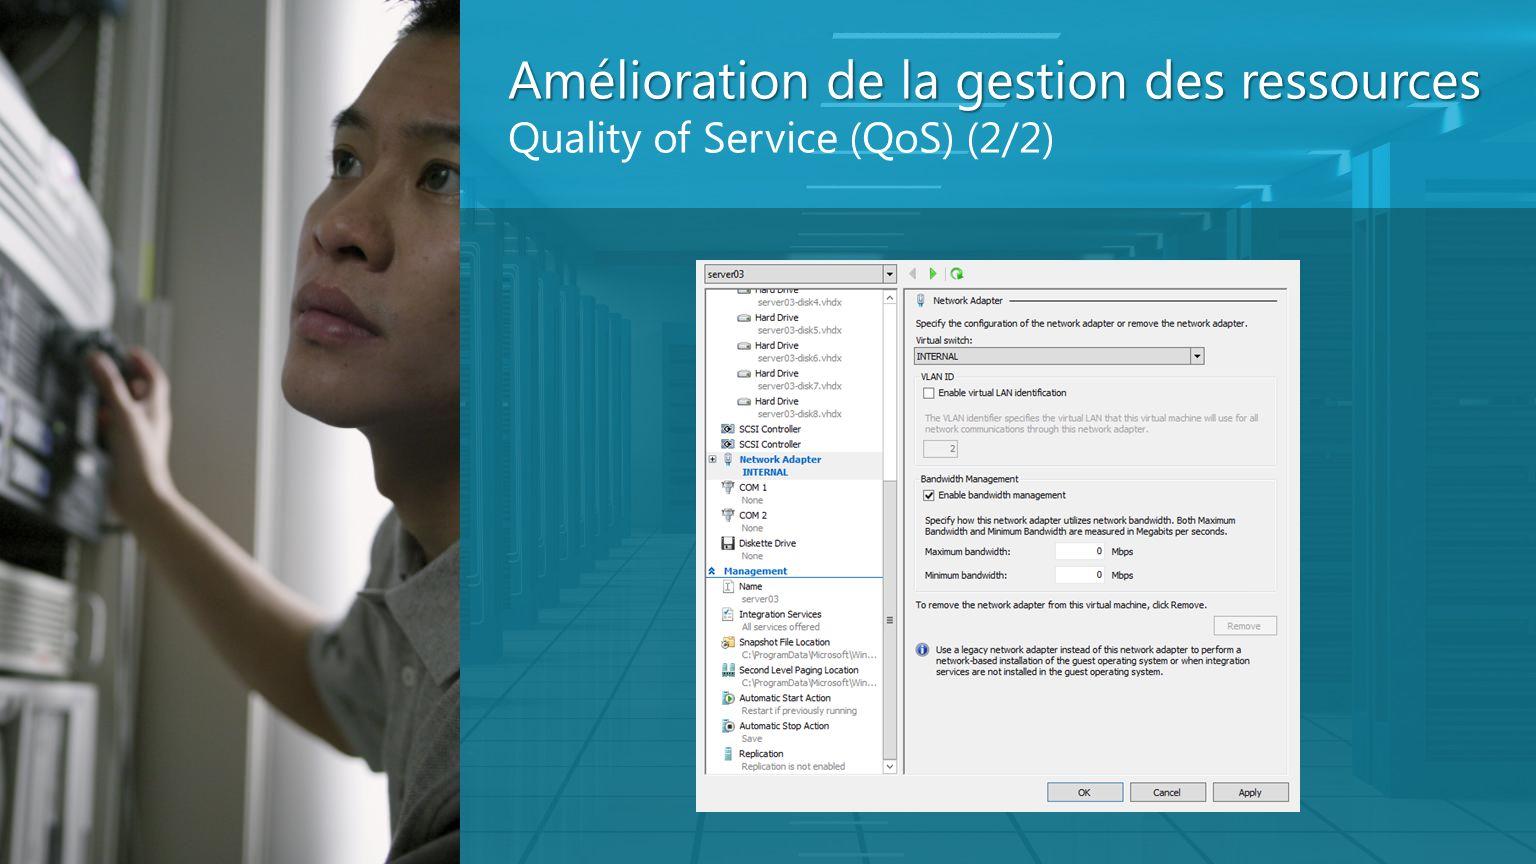 Amélioration de la gestion des ressources Quality of Service (QoS) (2/2)